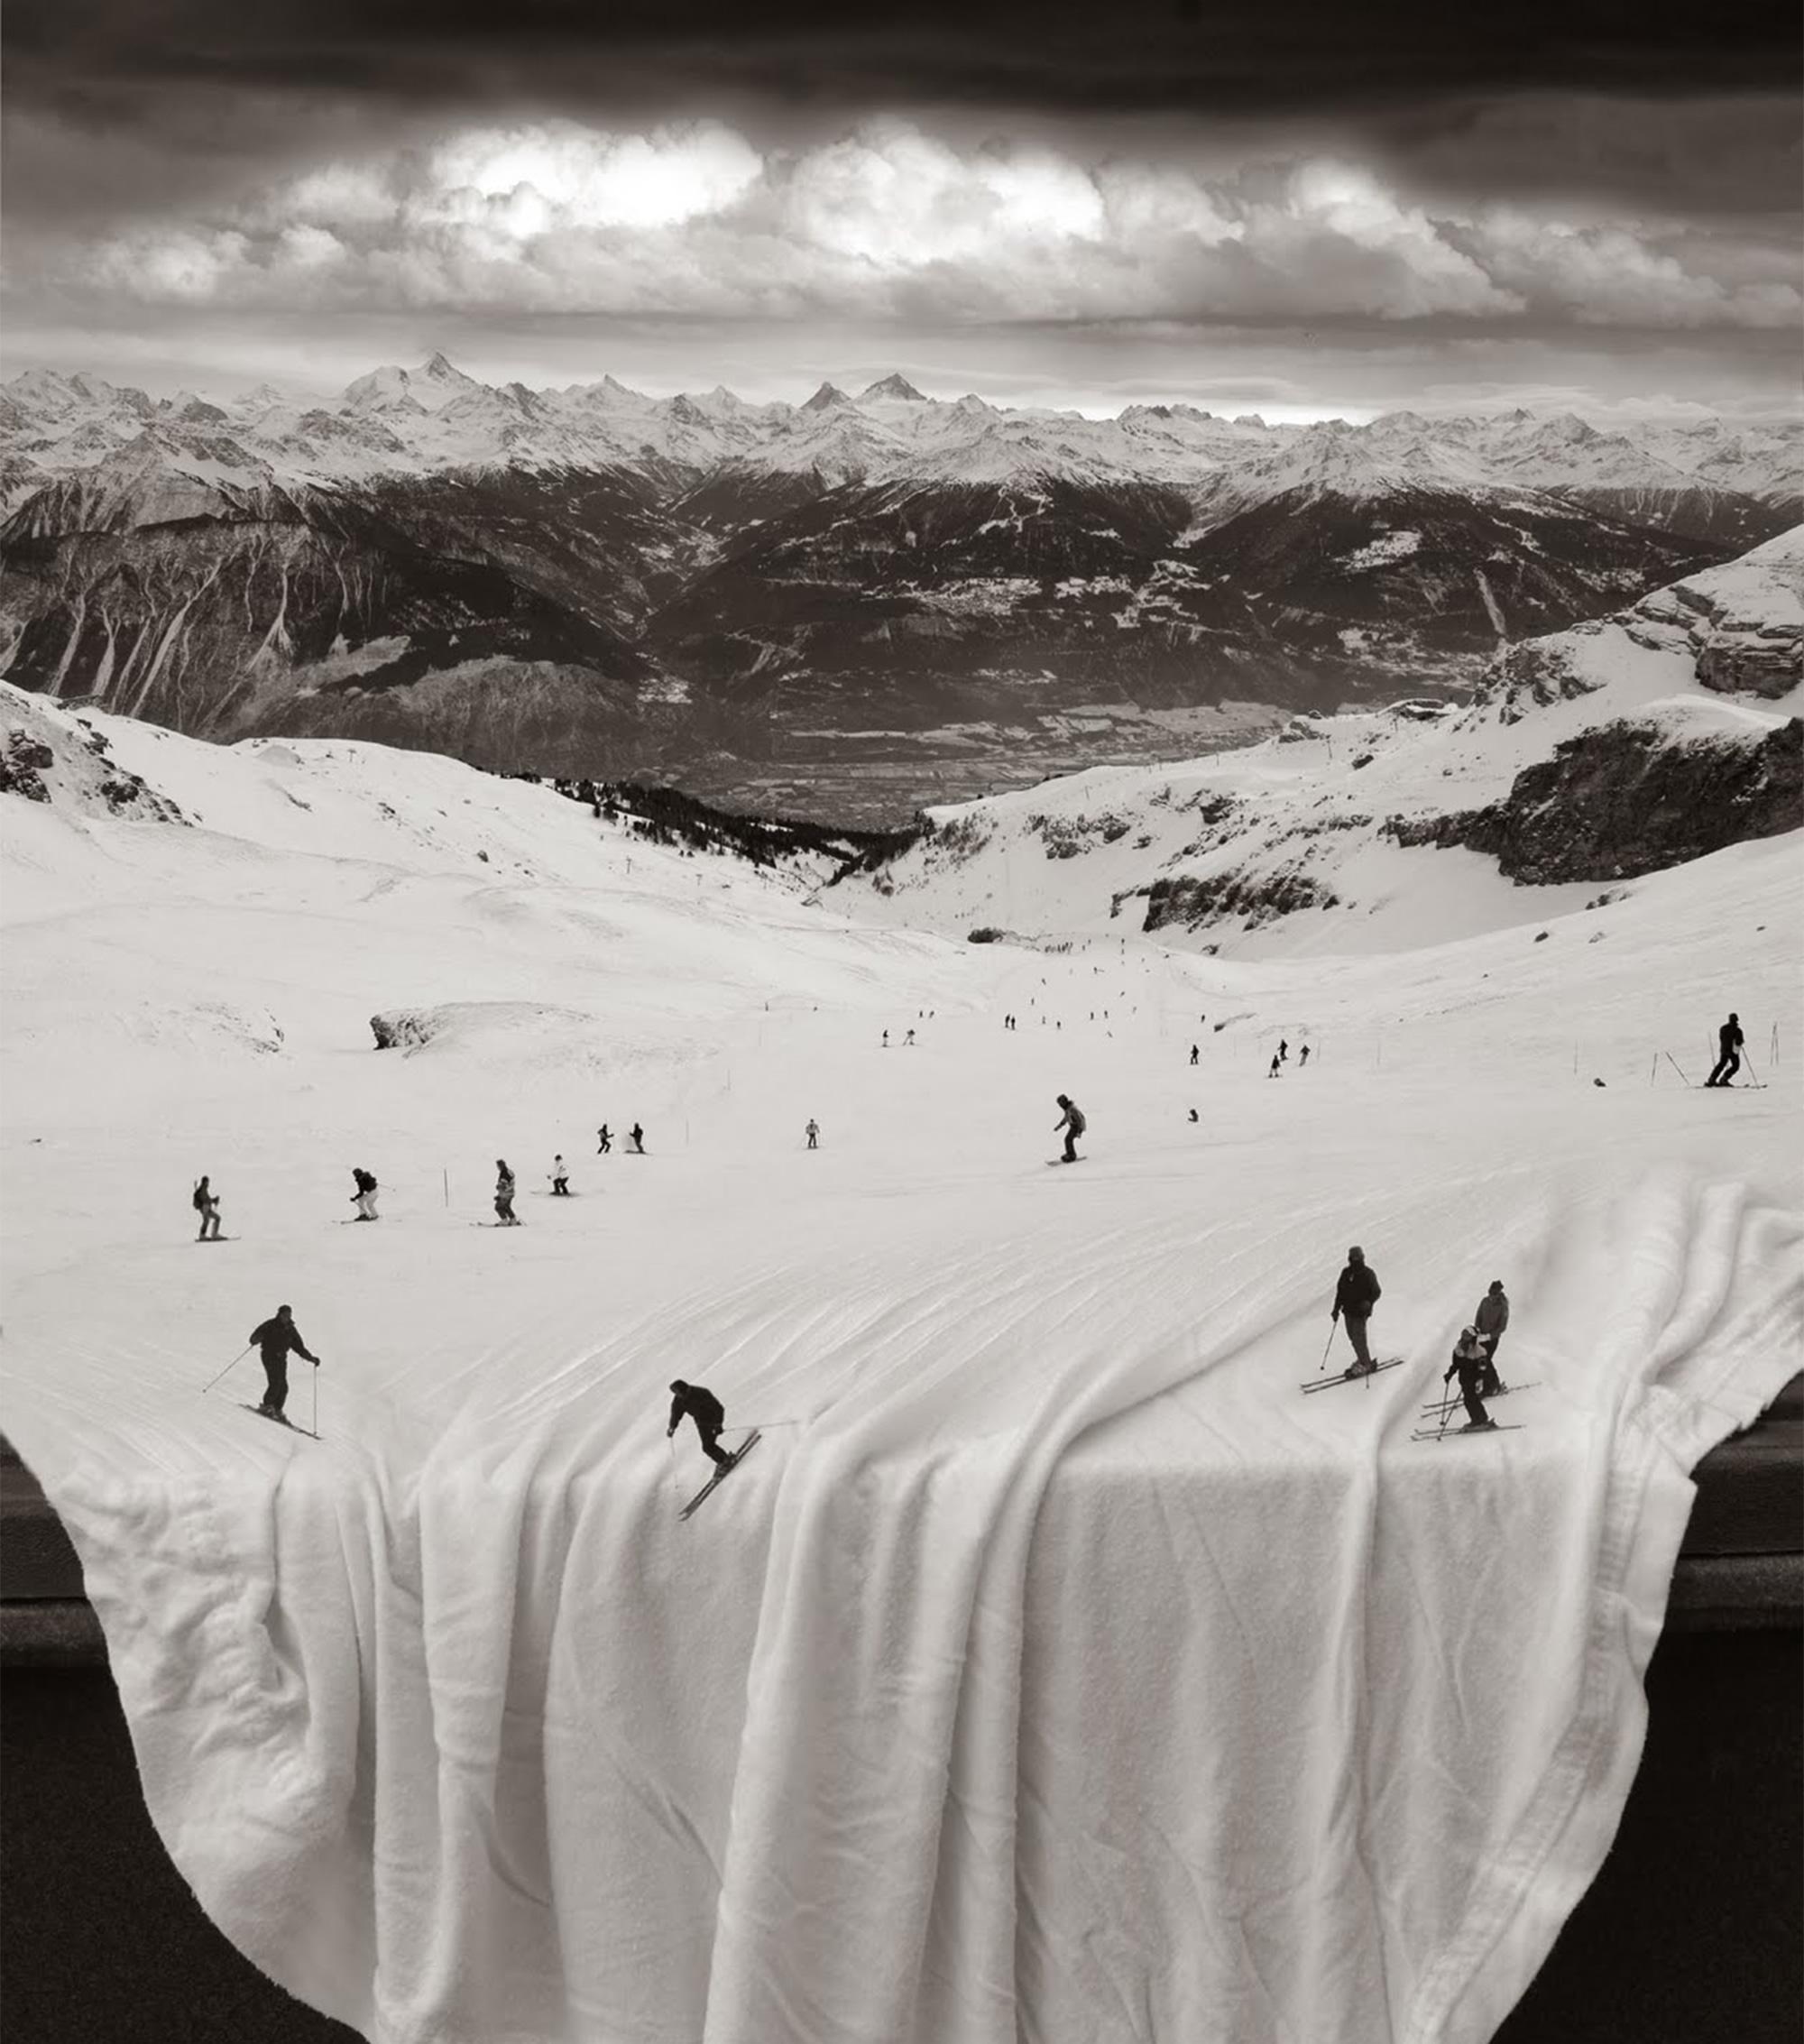 ברוכים הבאים לעולם הסוריאליסטי של הצלם Thomas Barbey